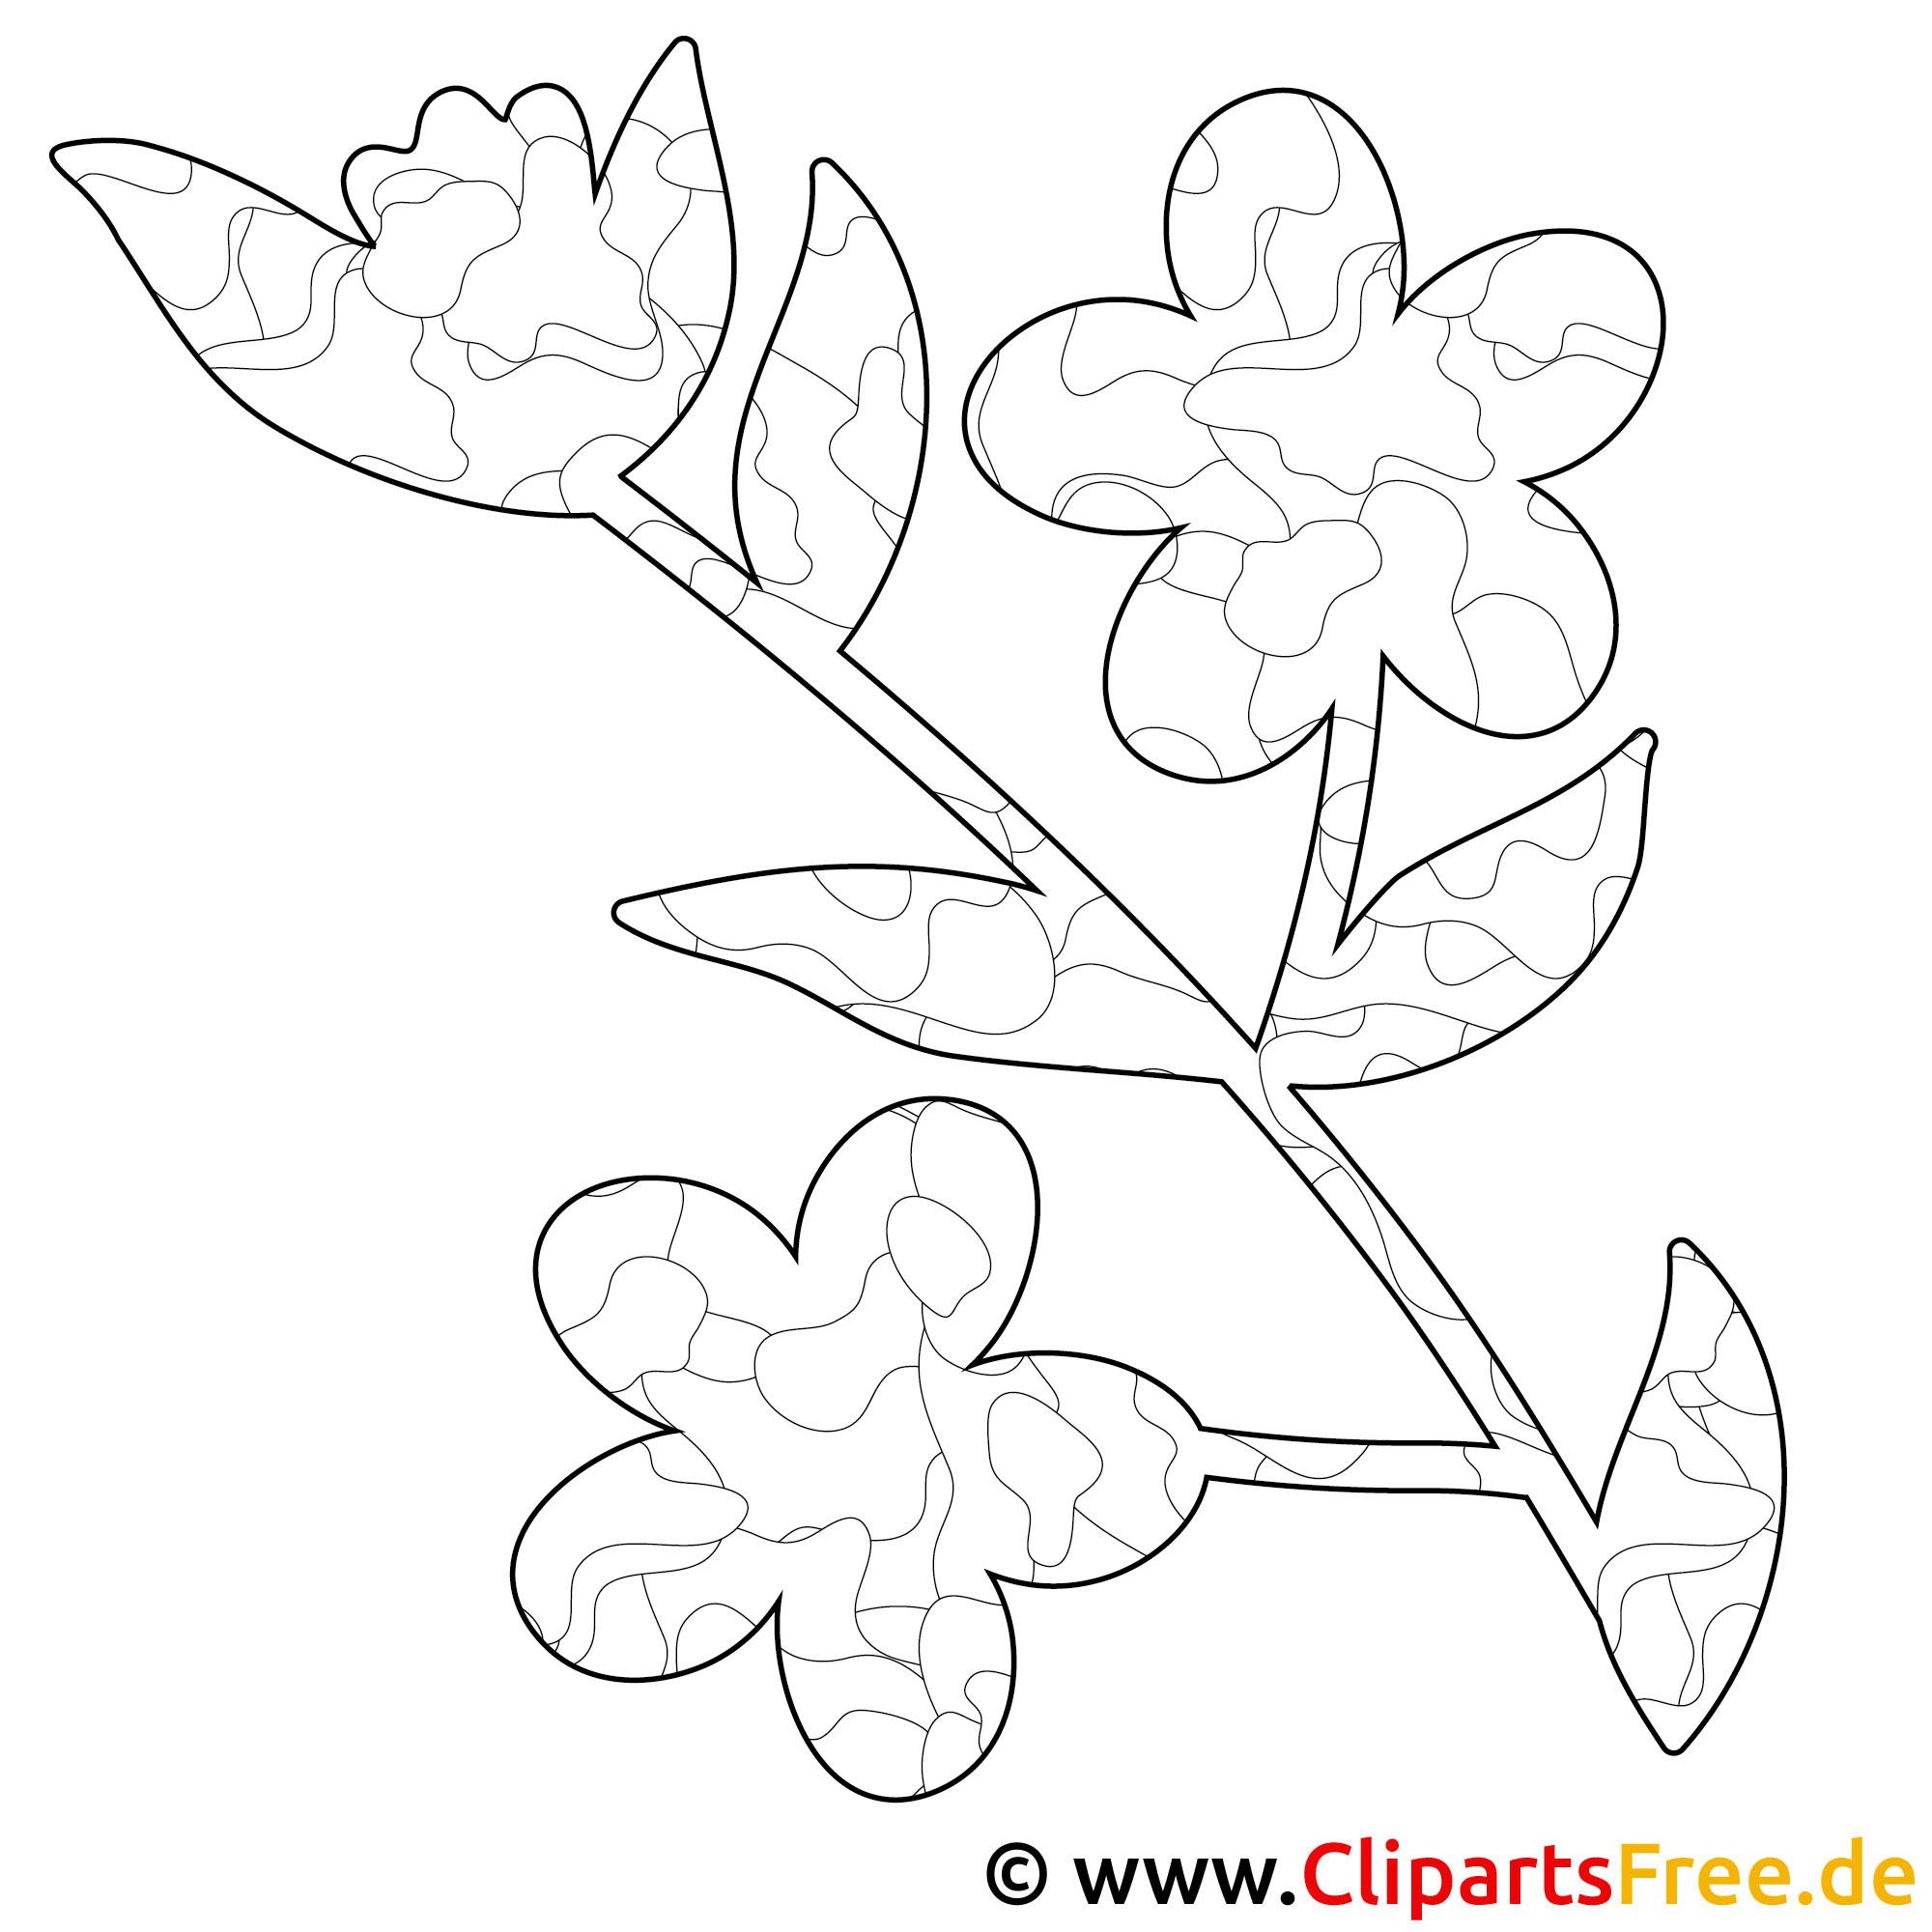 Blume Bild zum Ausmalen, Malvorlage